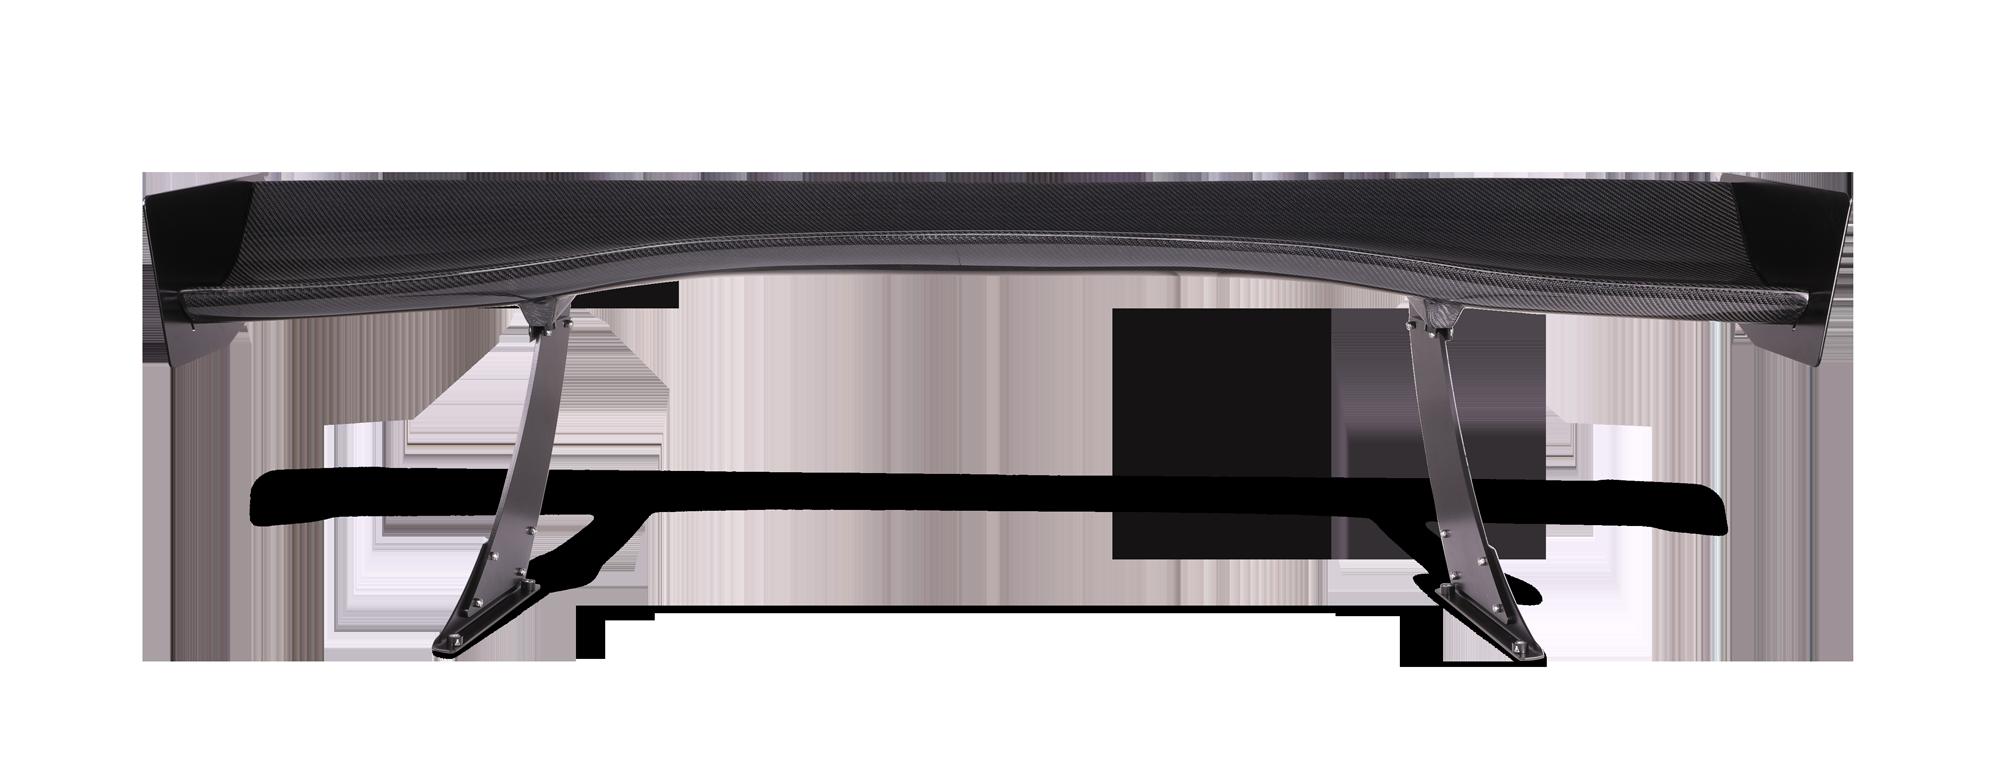 1850mm gt wing carbon fiber